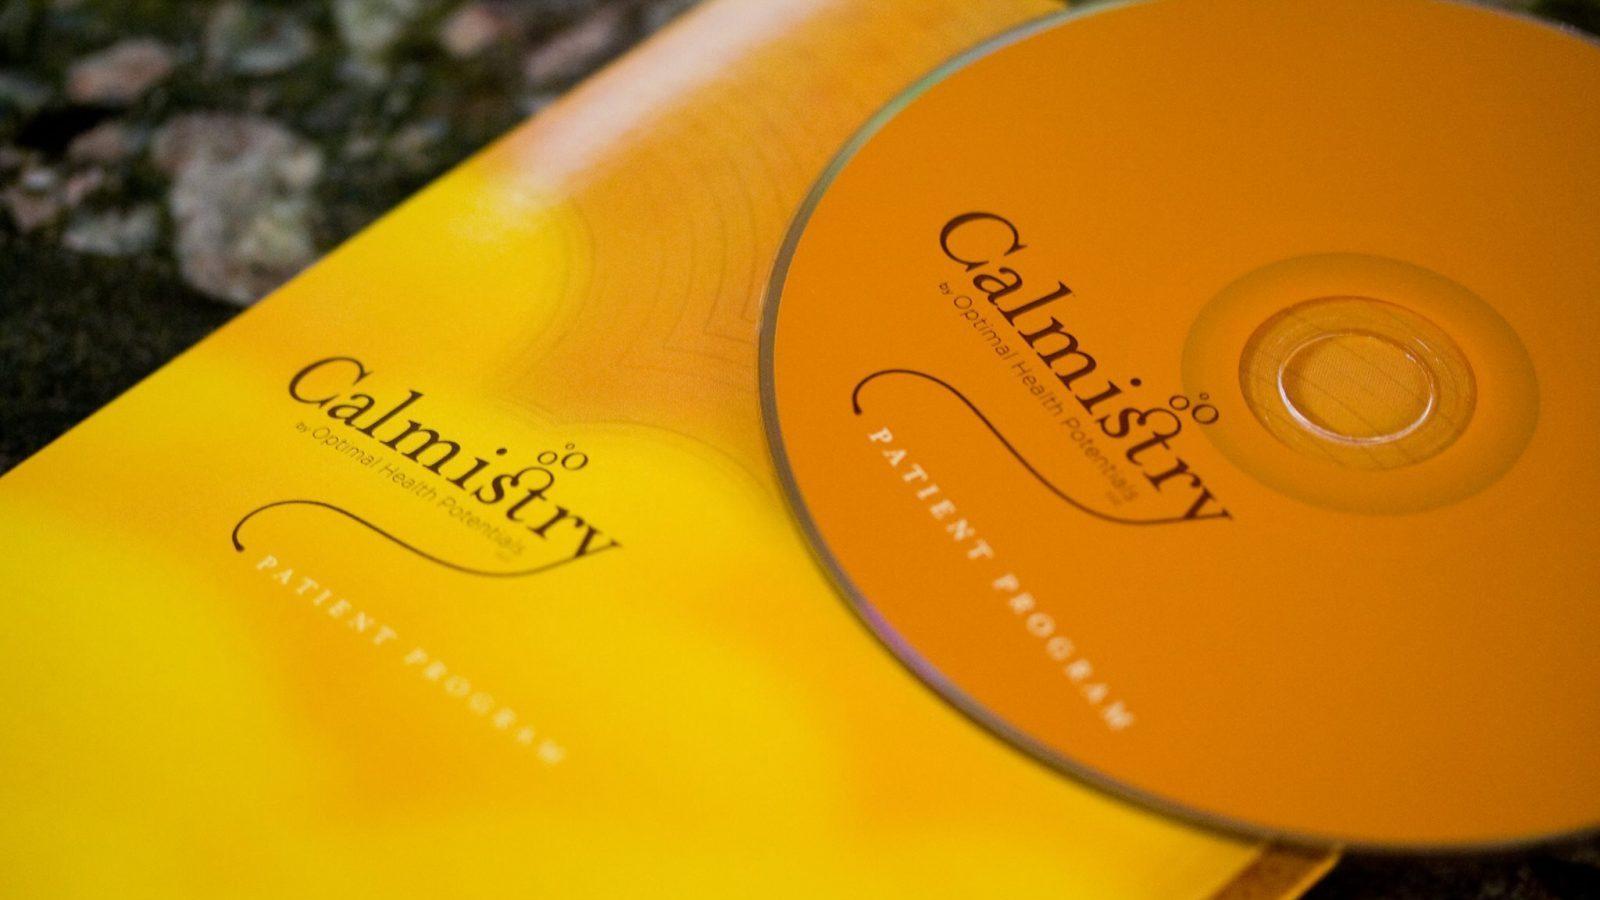 Calmistry